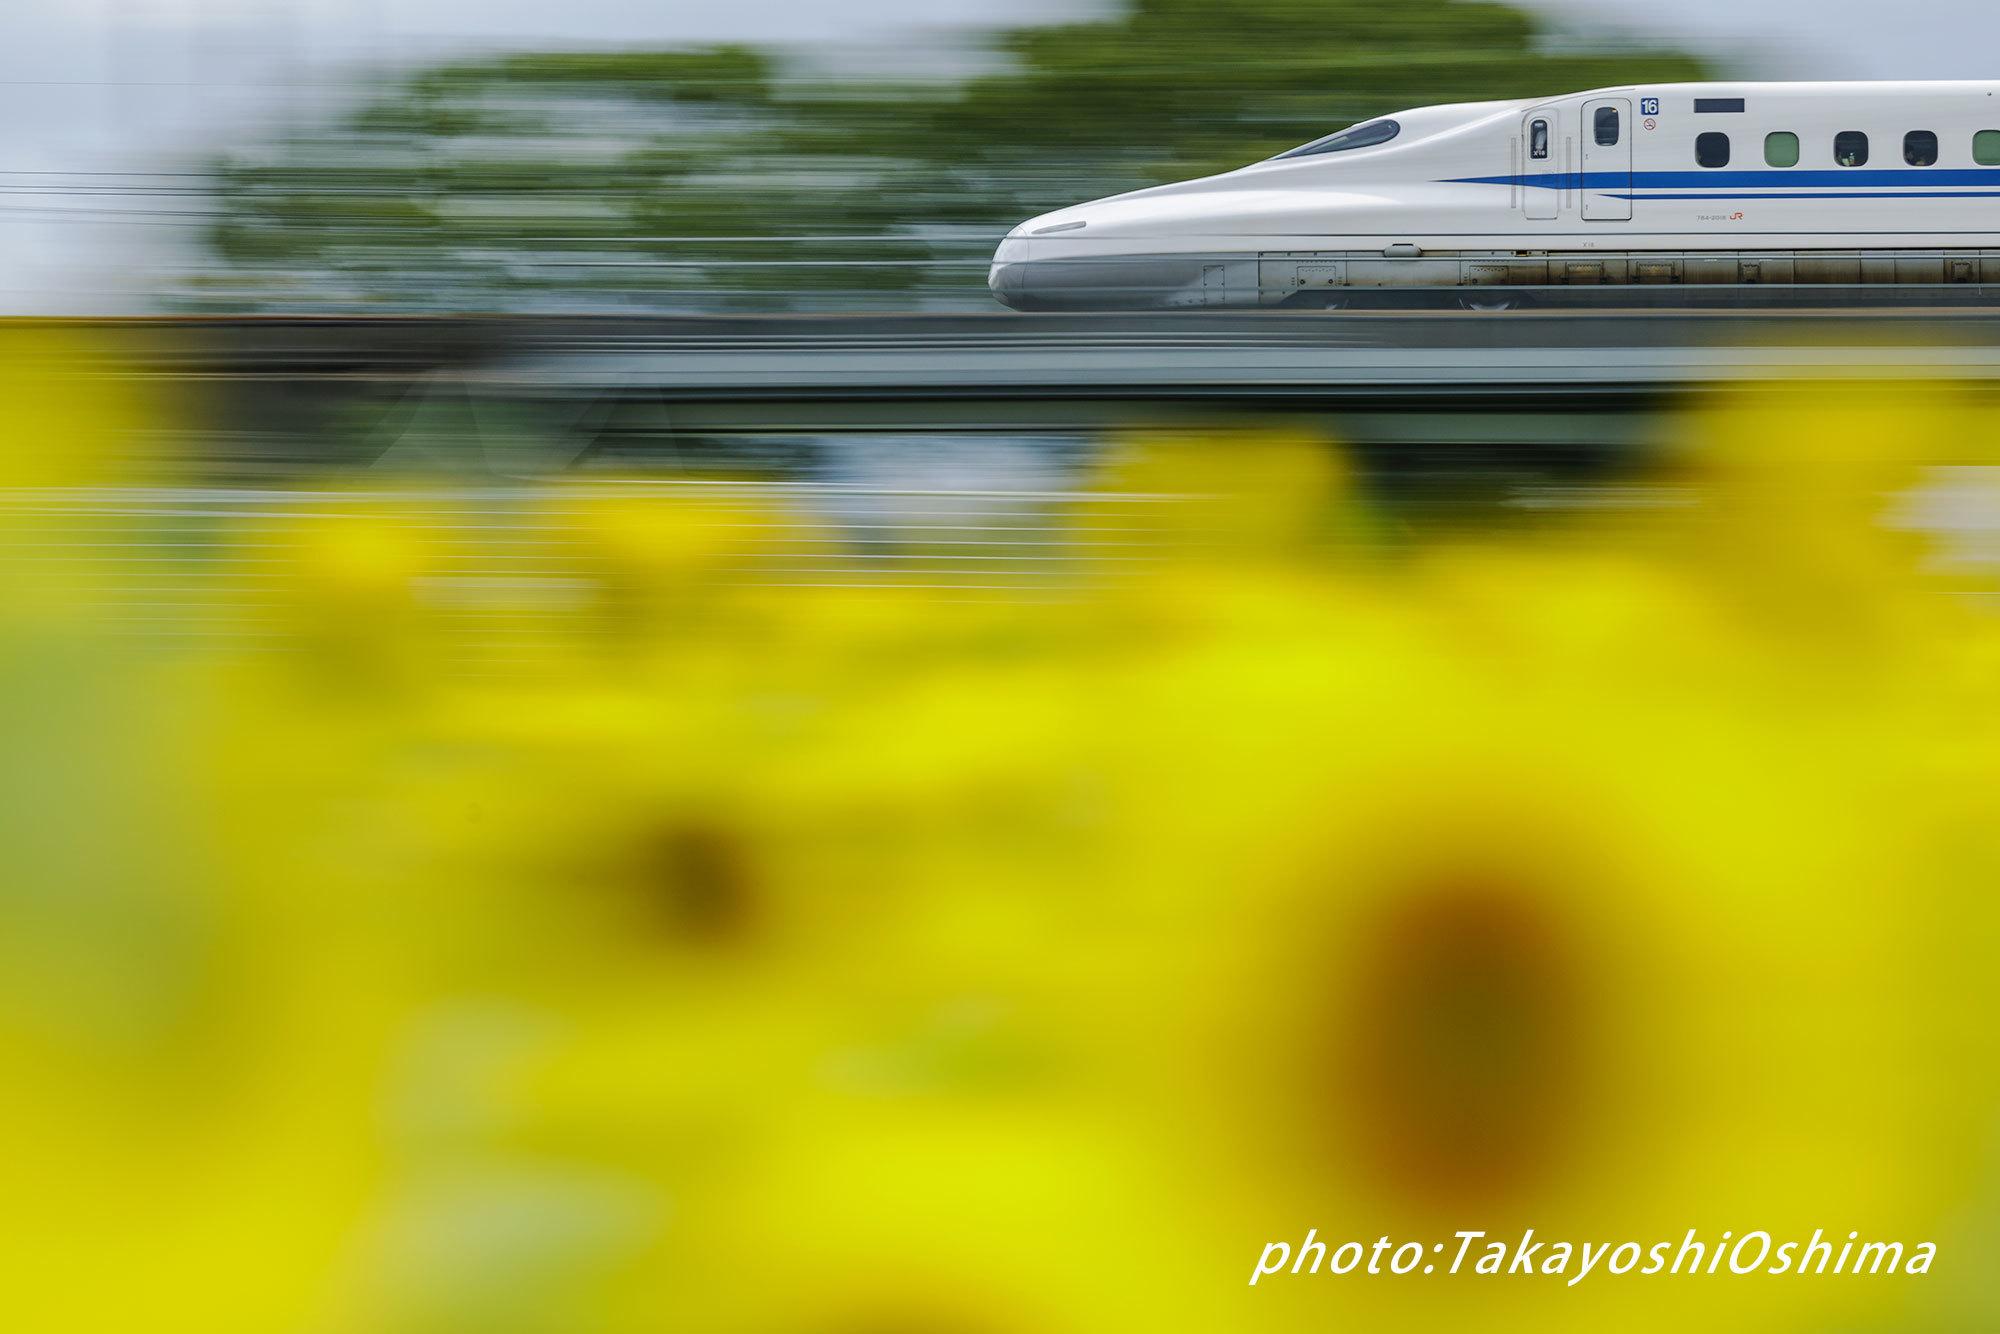 ヒマワリと新幹線_f0361287_11002497.jpg